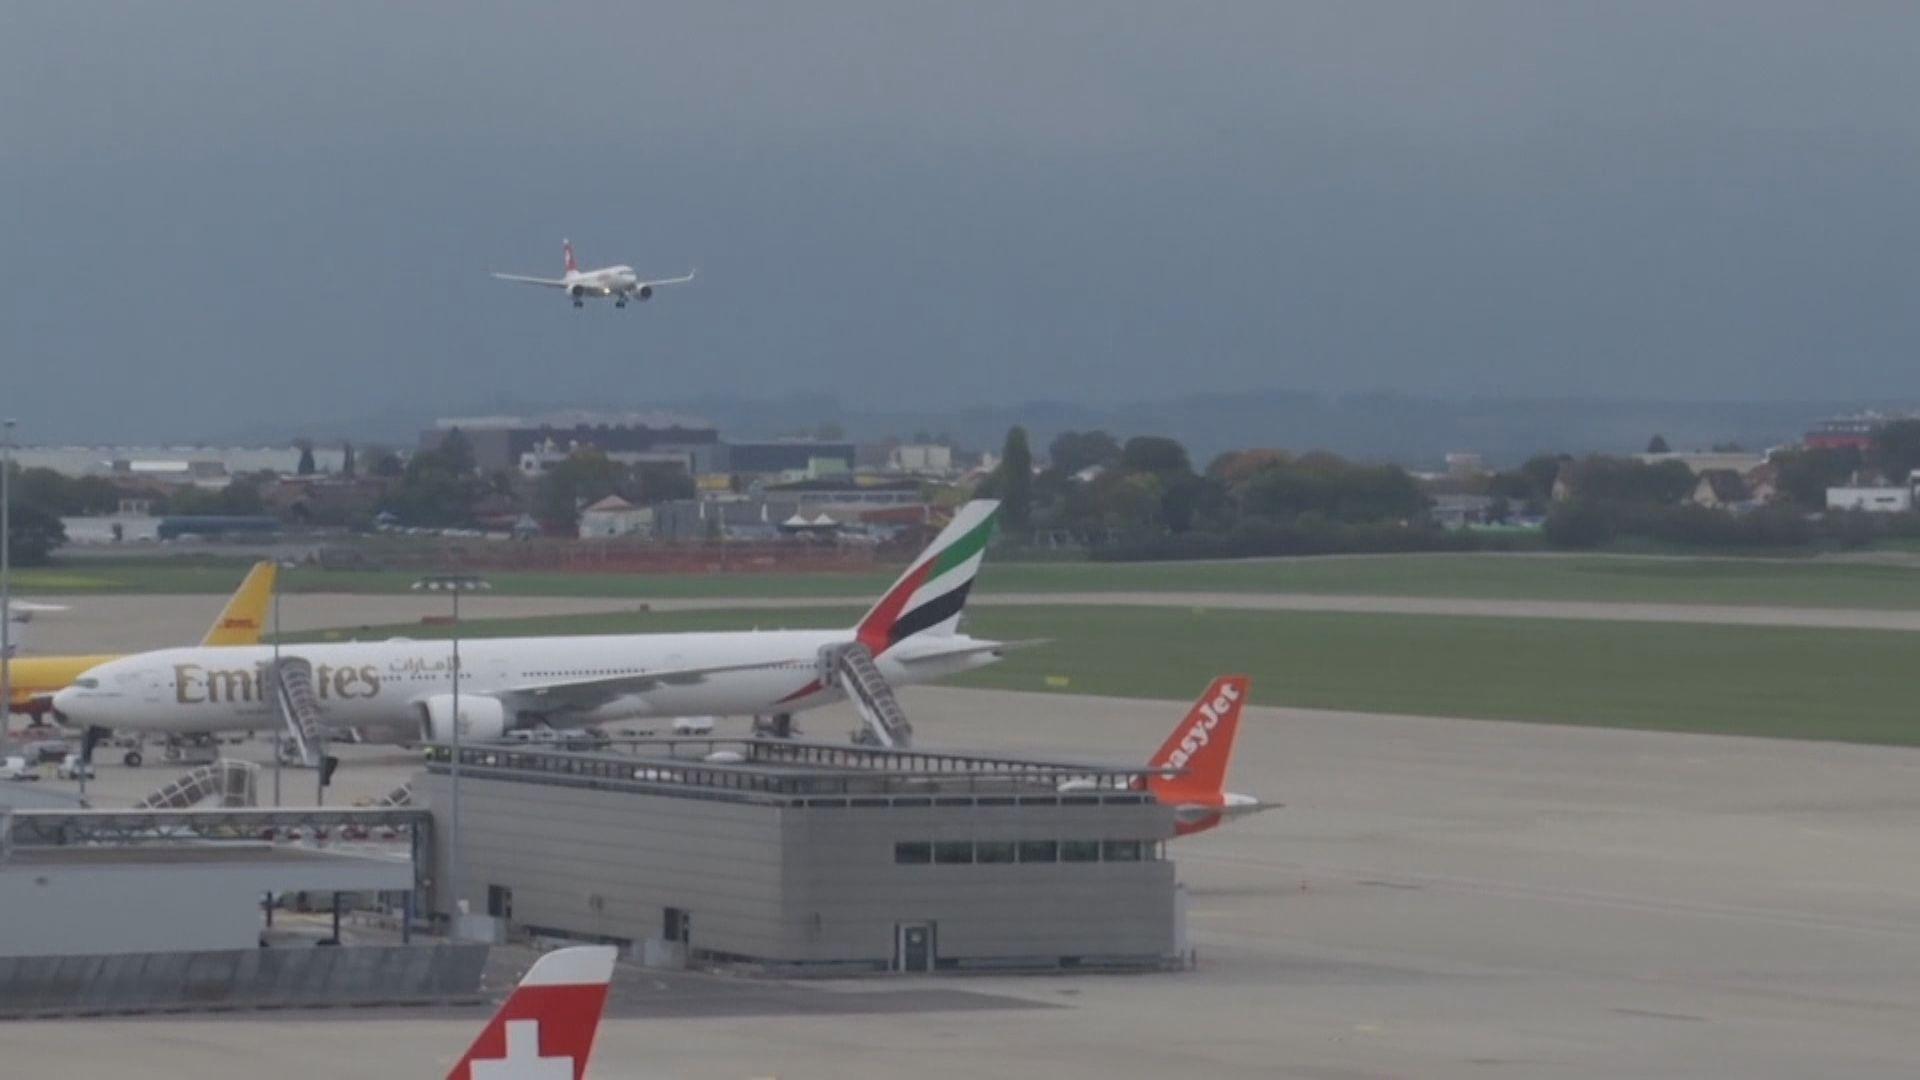 據報數百名英國遊客拒絕隔離要求 漏夜逃離瑞士